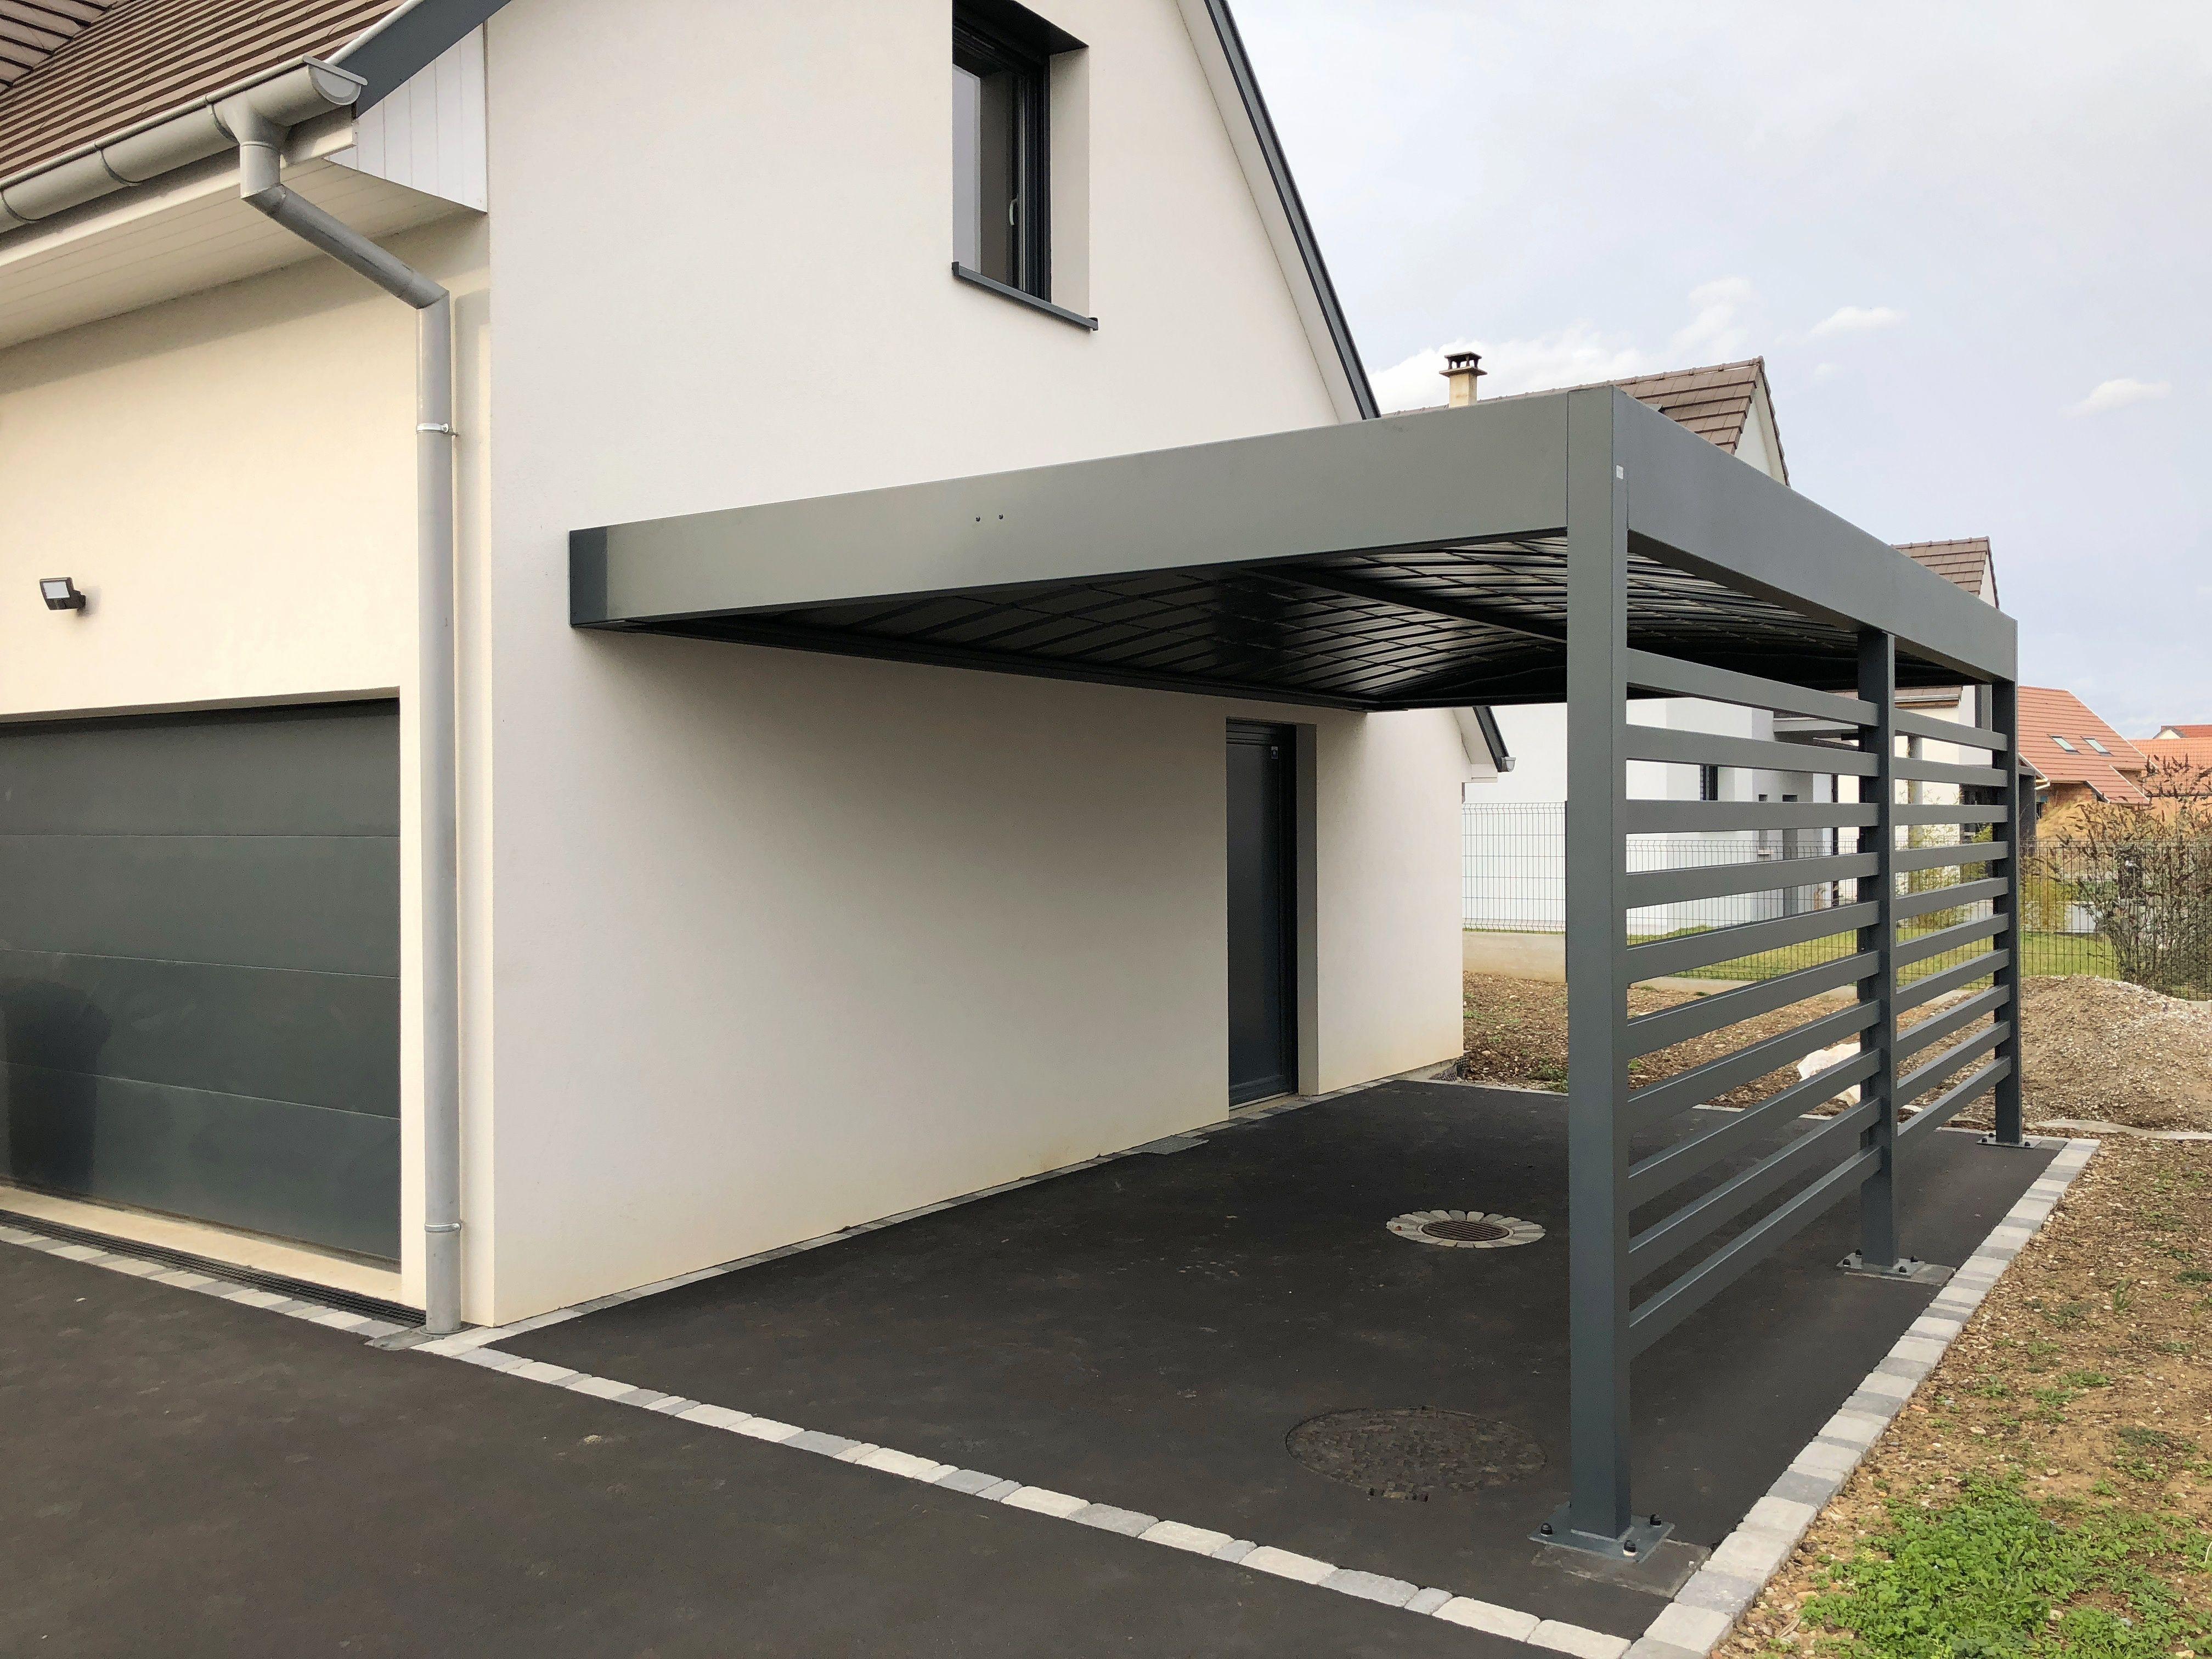 Vordach auto in 2020 Carport aus aluminium, Carport